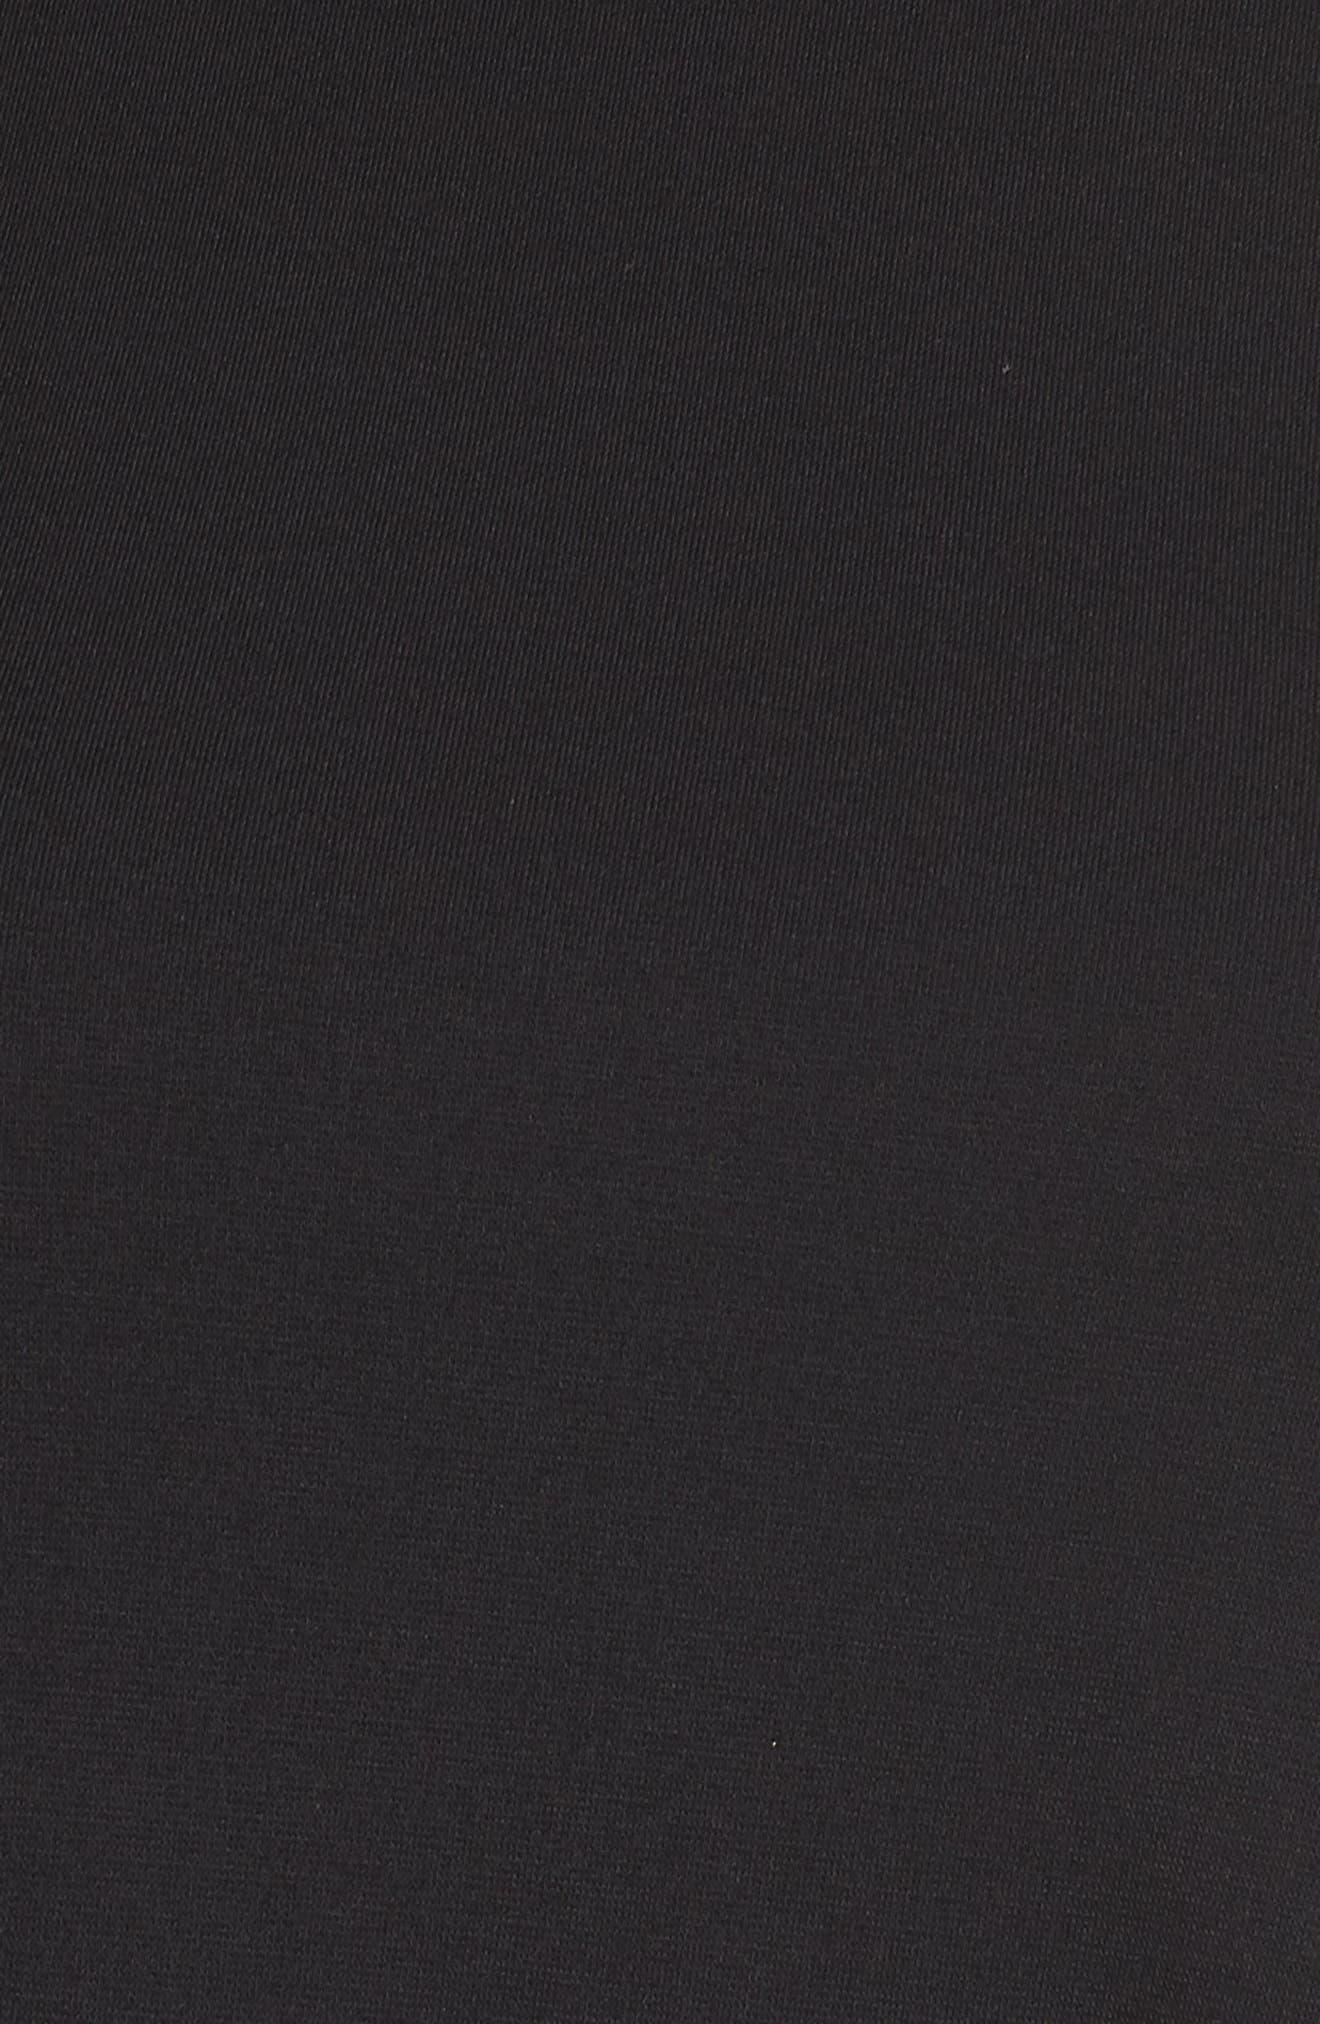 Crepe Chiffon Swing Dress,                             Alternate thumbnail 5, color,                             Black